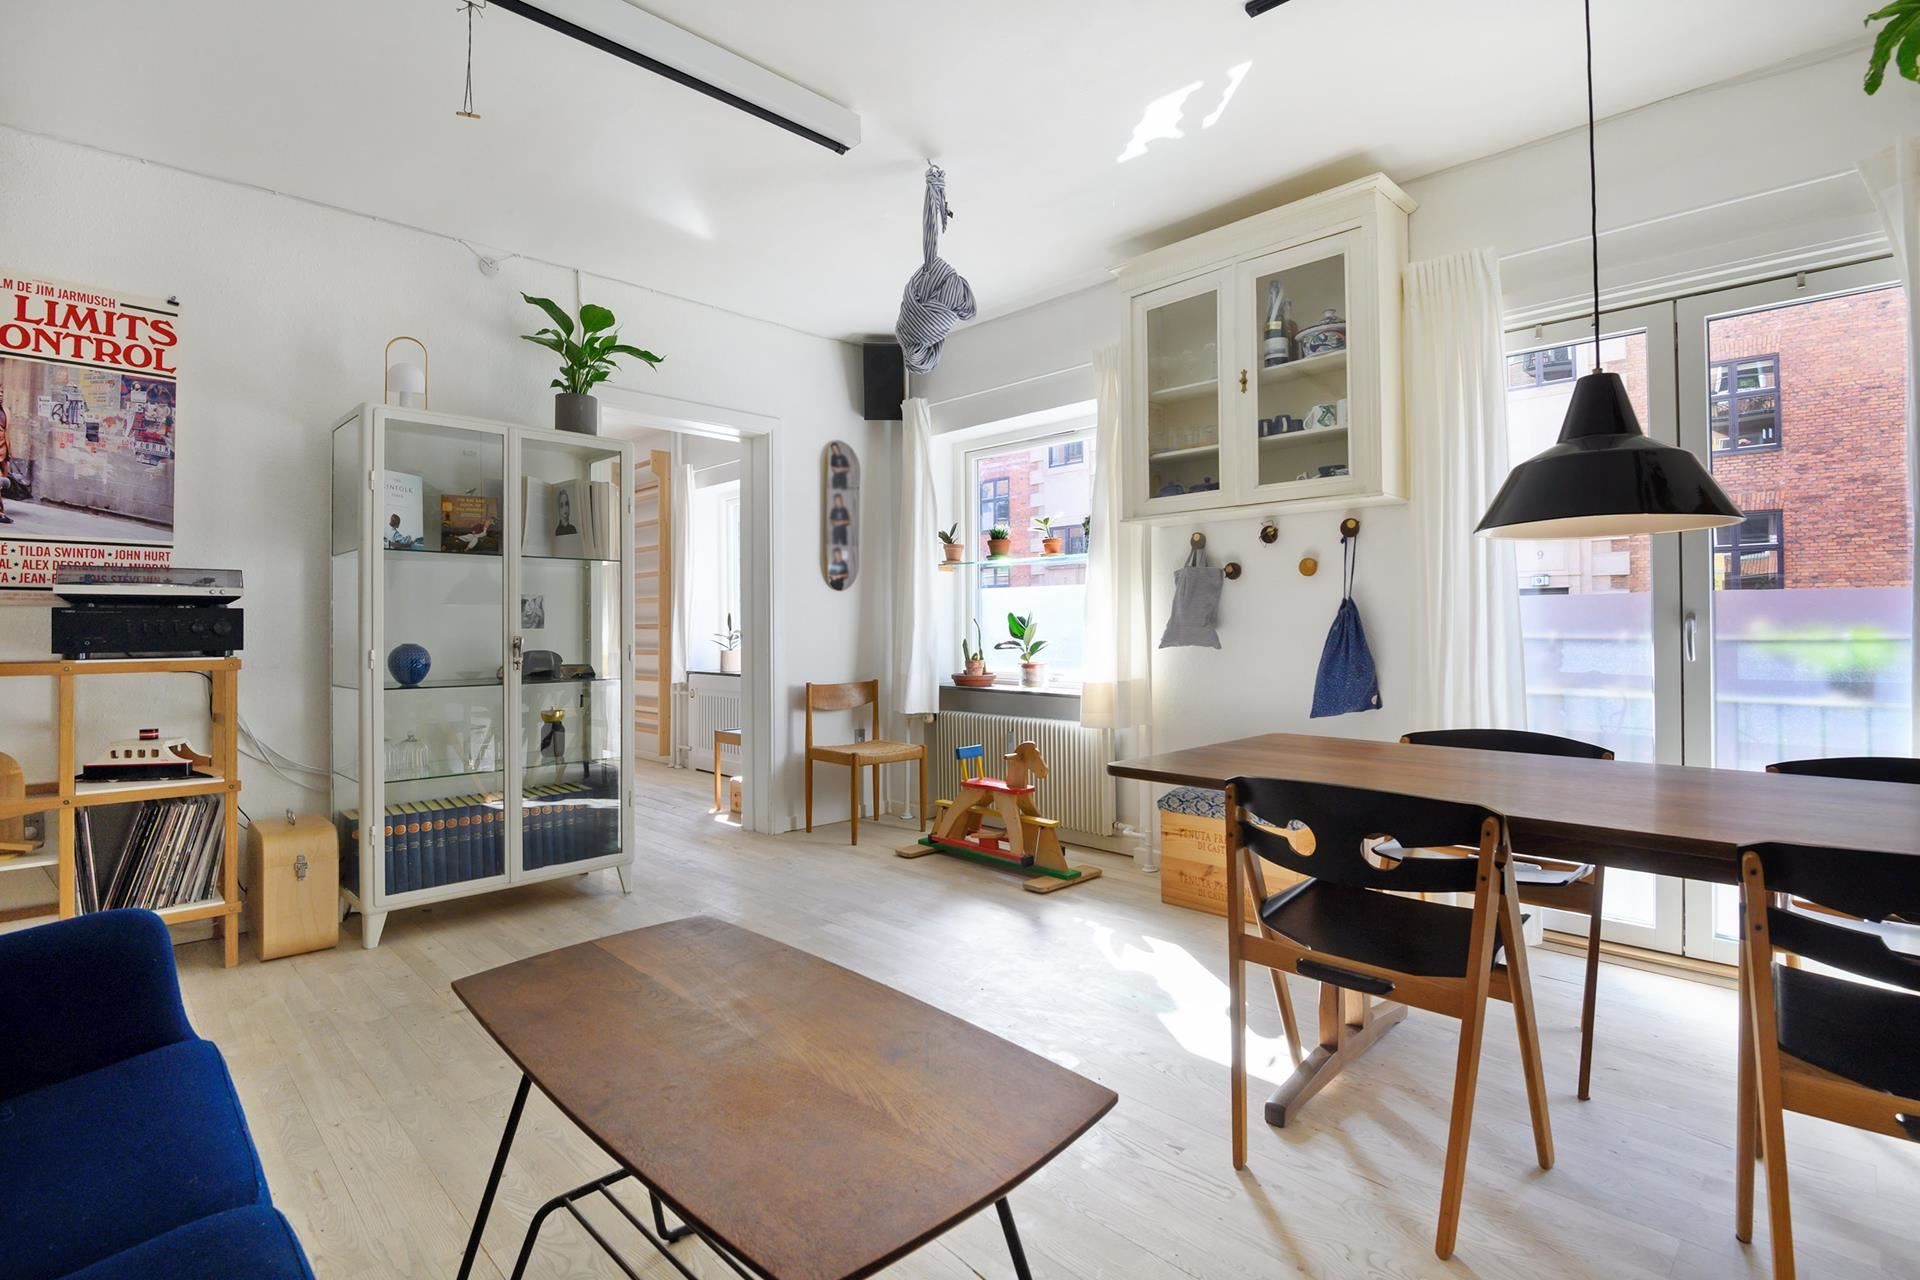 Bechgaardsgade 10, st.. tv., 2100 København Ø